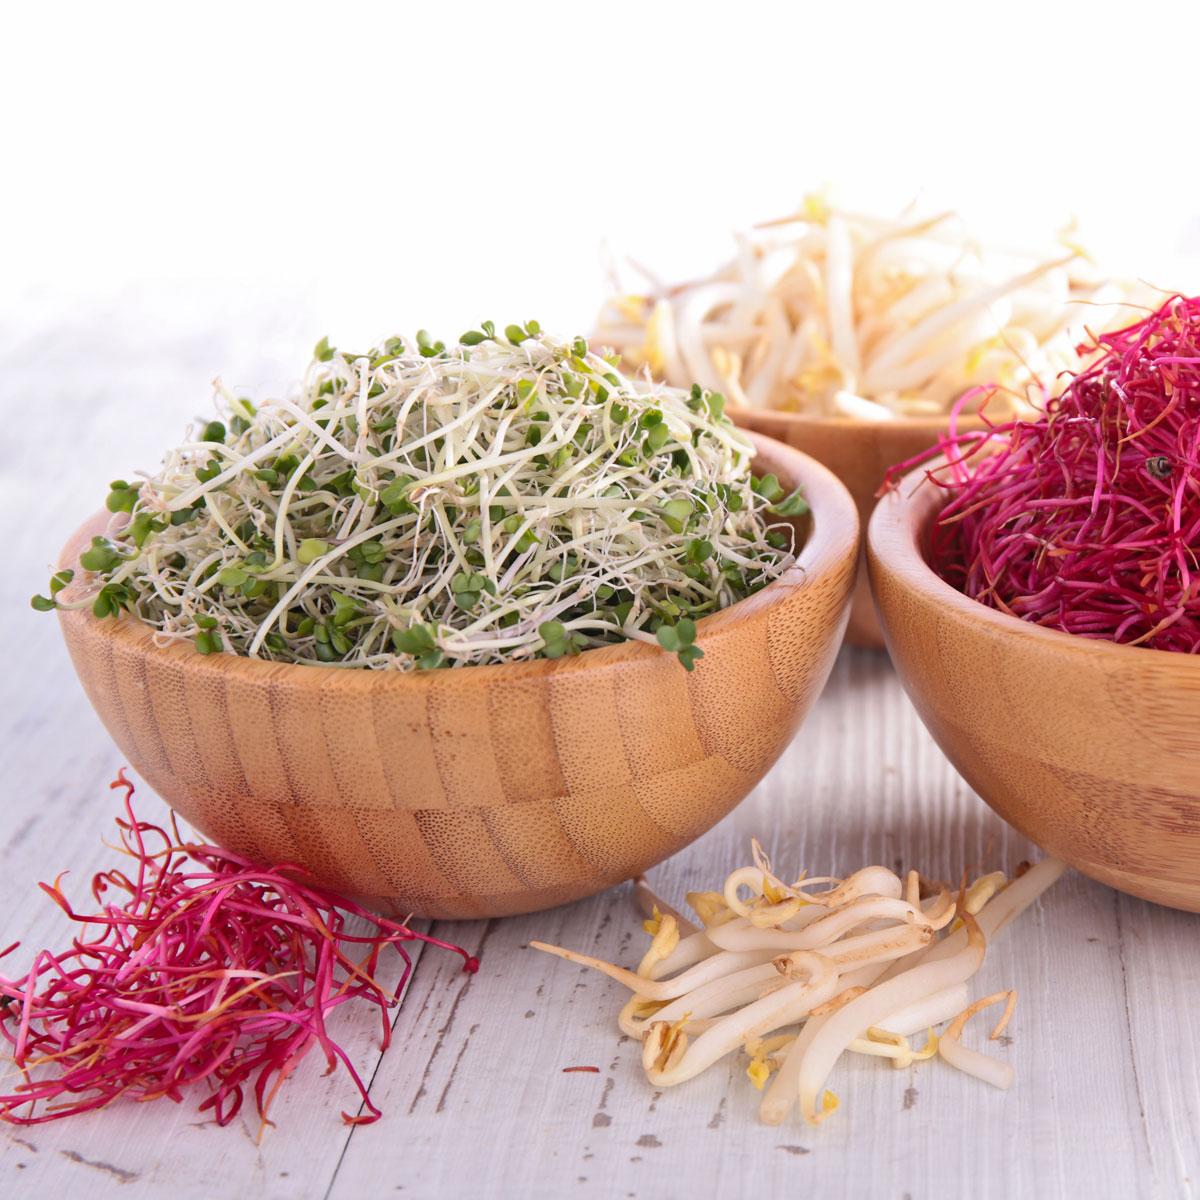 Germinados: nutrientes a la máxima potencia para reparar nuestro organismo